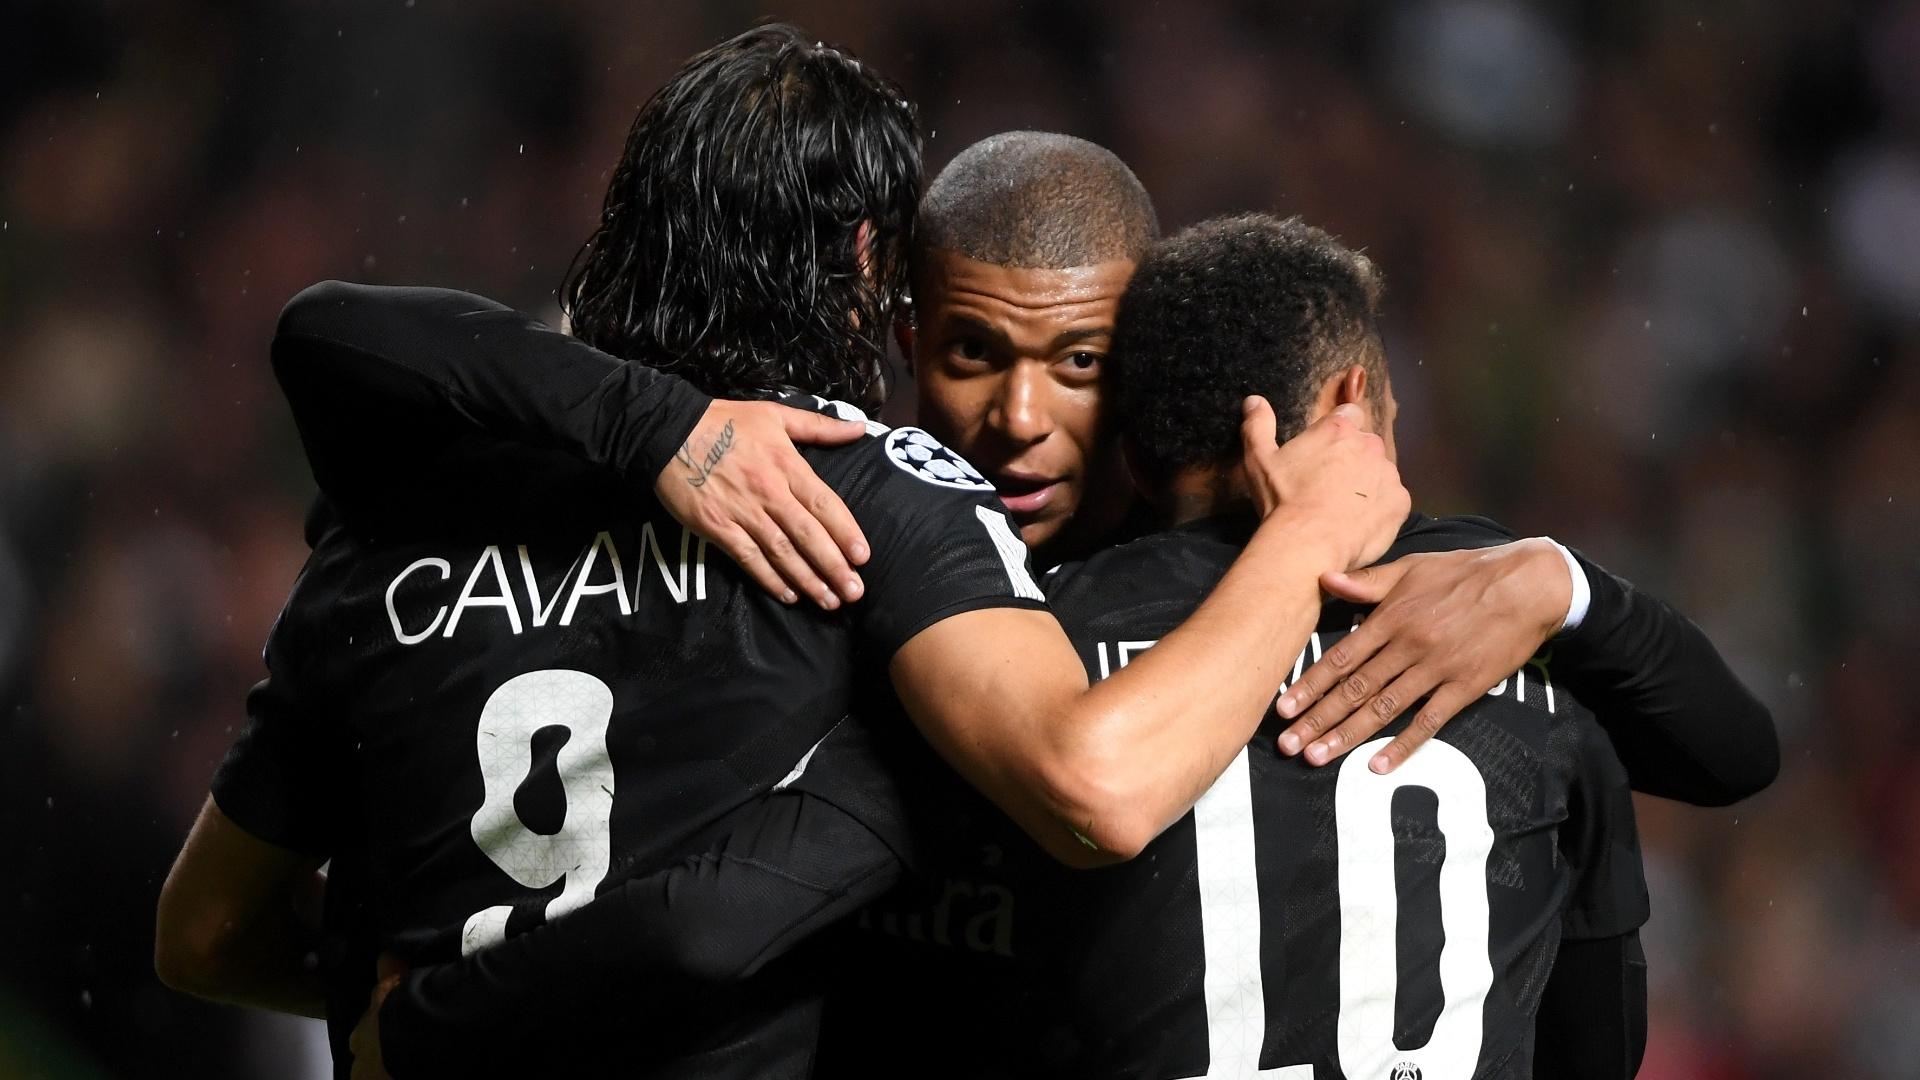 O trio composto por Cavani, Neymar e Mbappé já viveu momentos melhores juntos